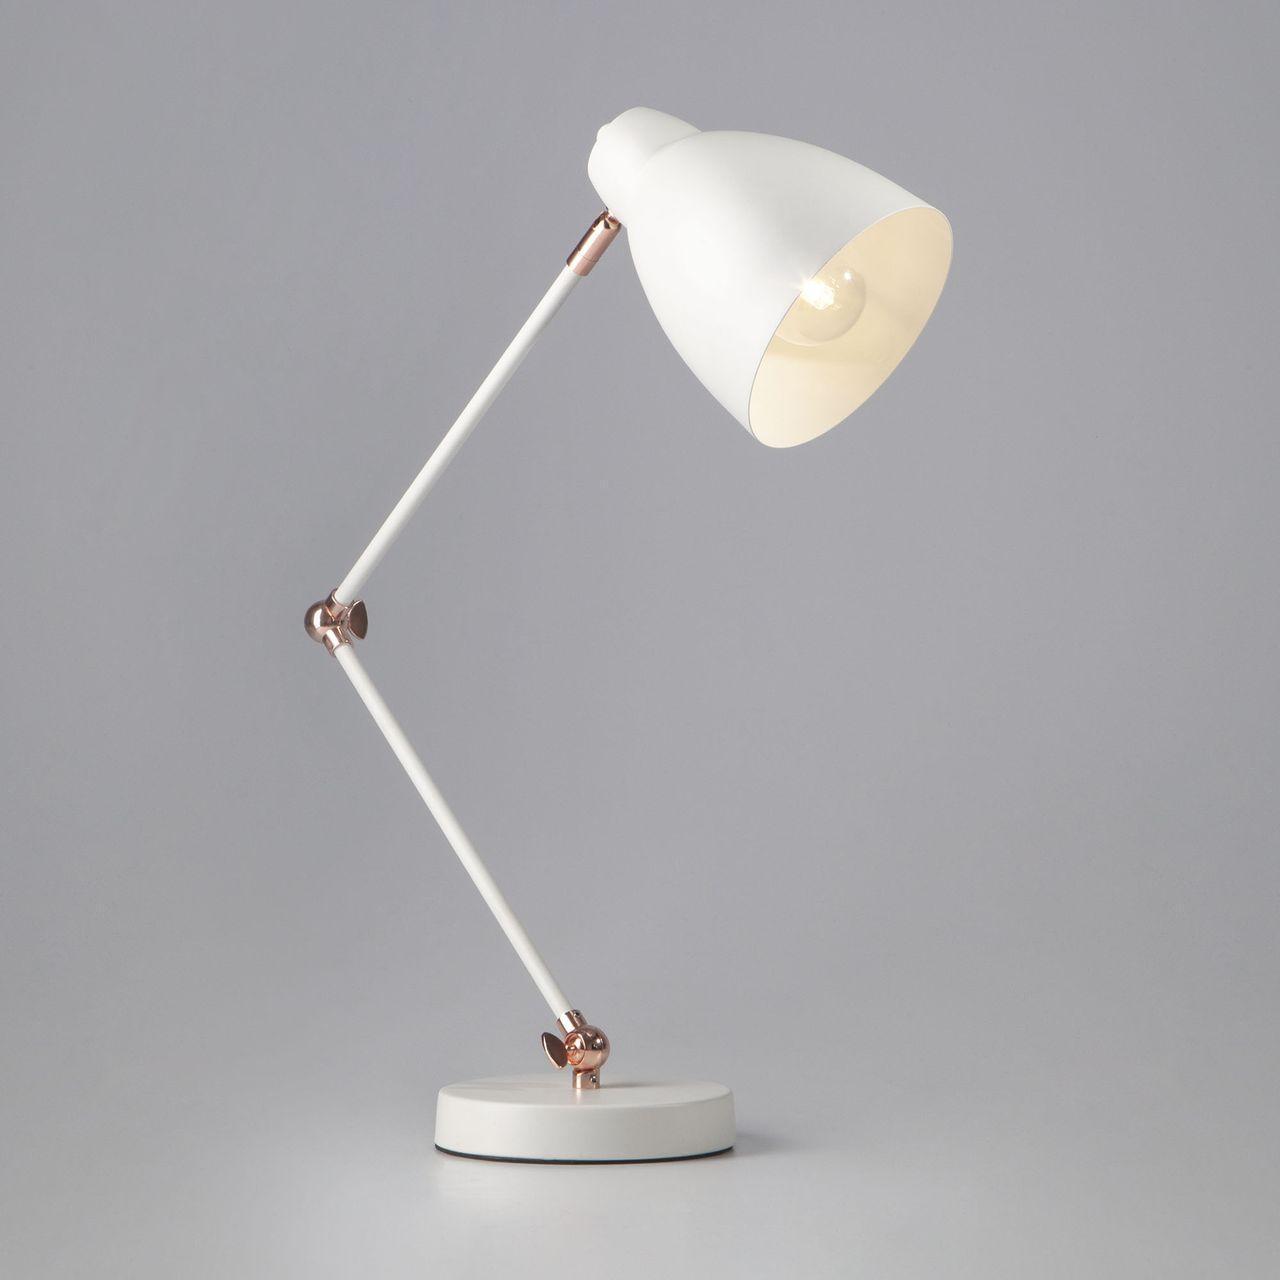 Настольная лампа Eurosvet Loft 01024/1 белый лампа настольная евросвет 01024 1 белый